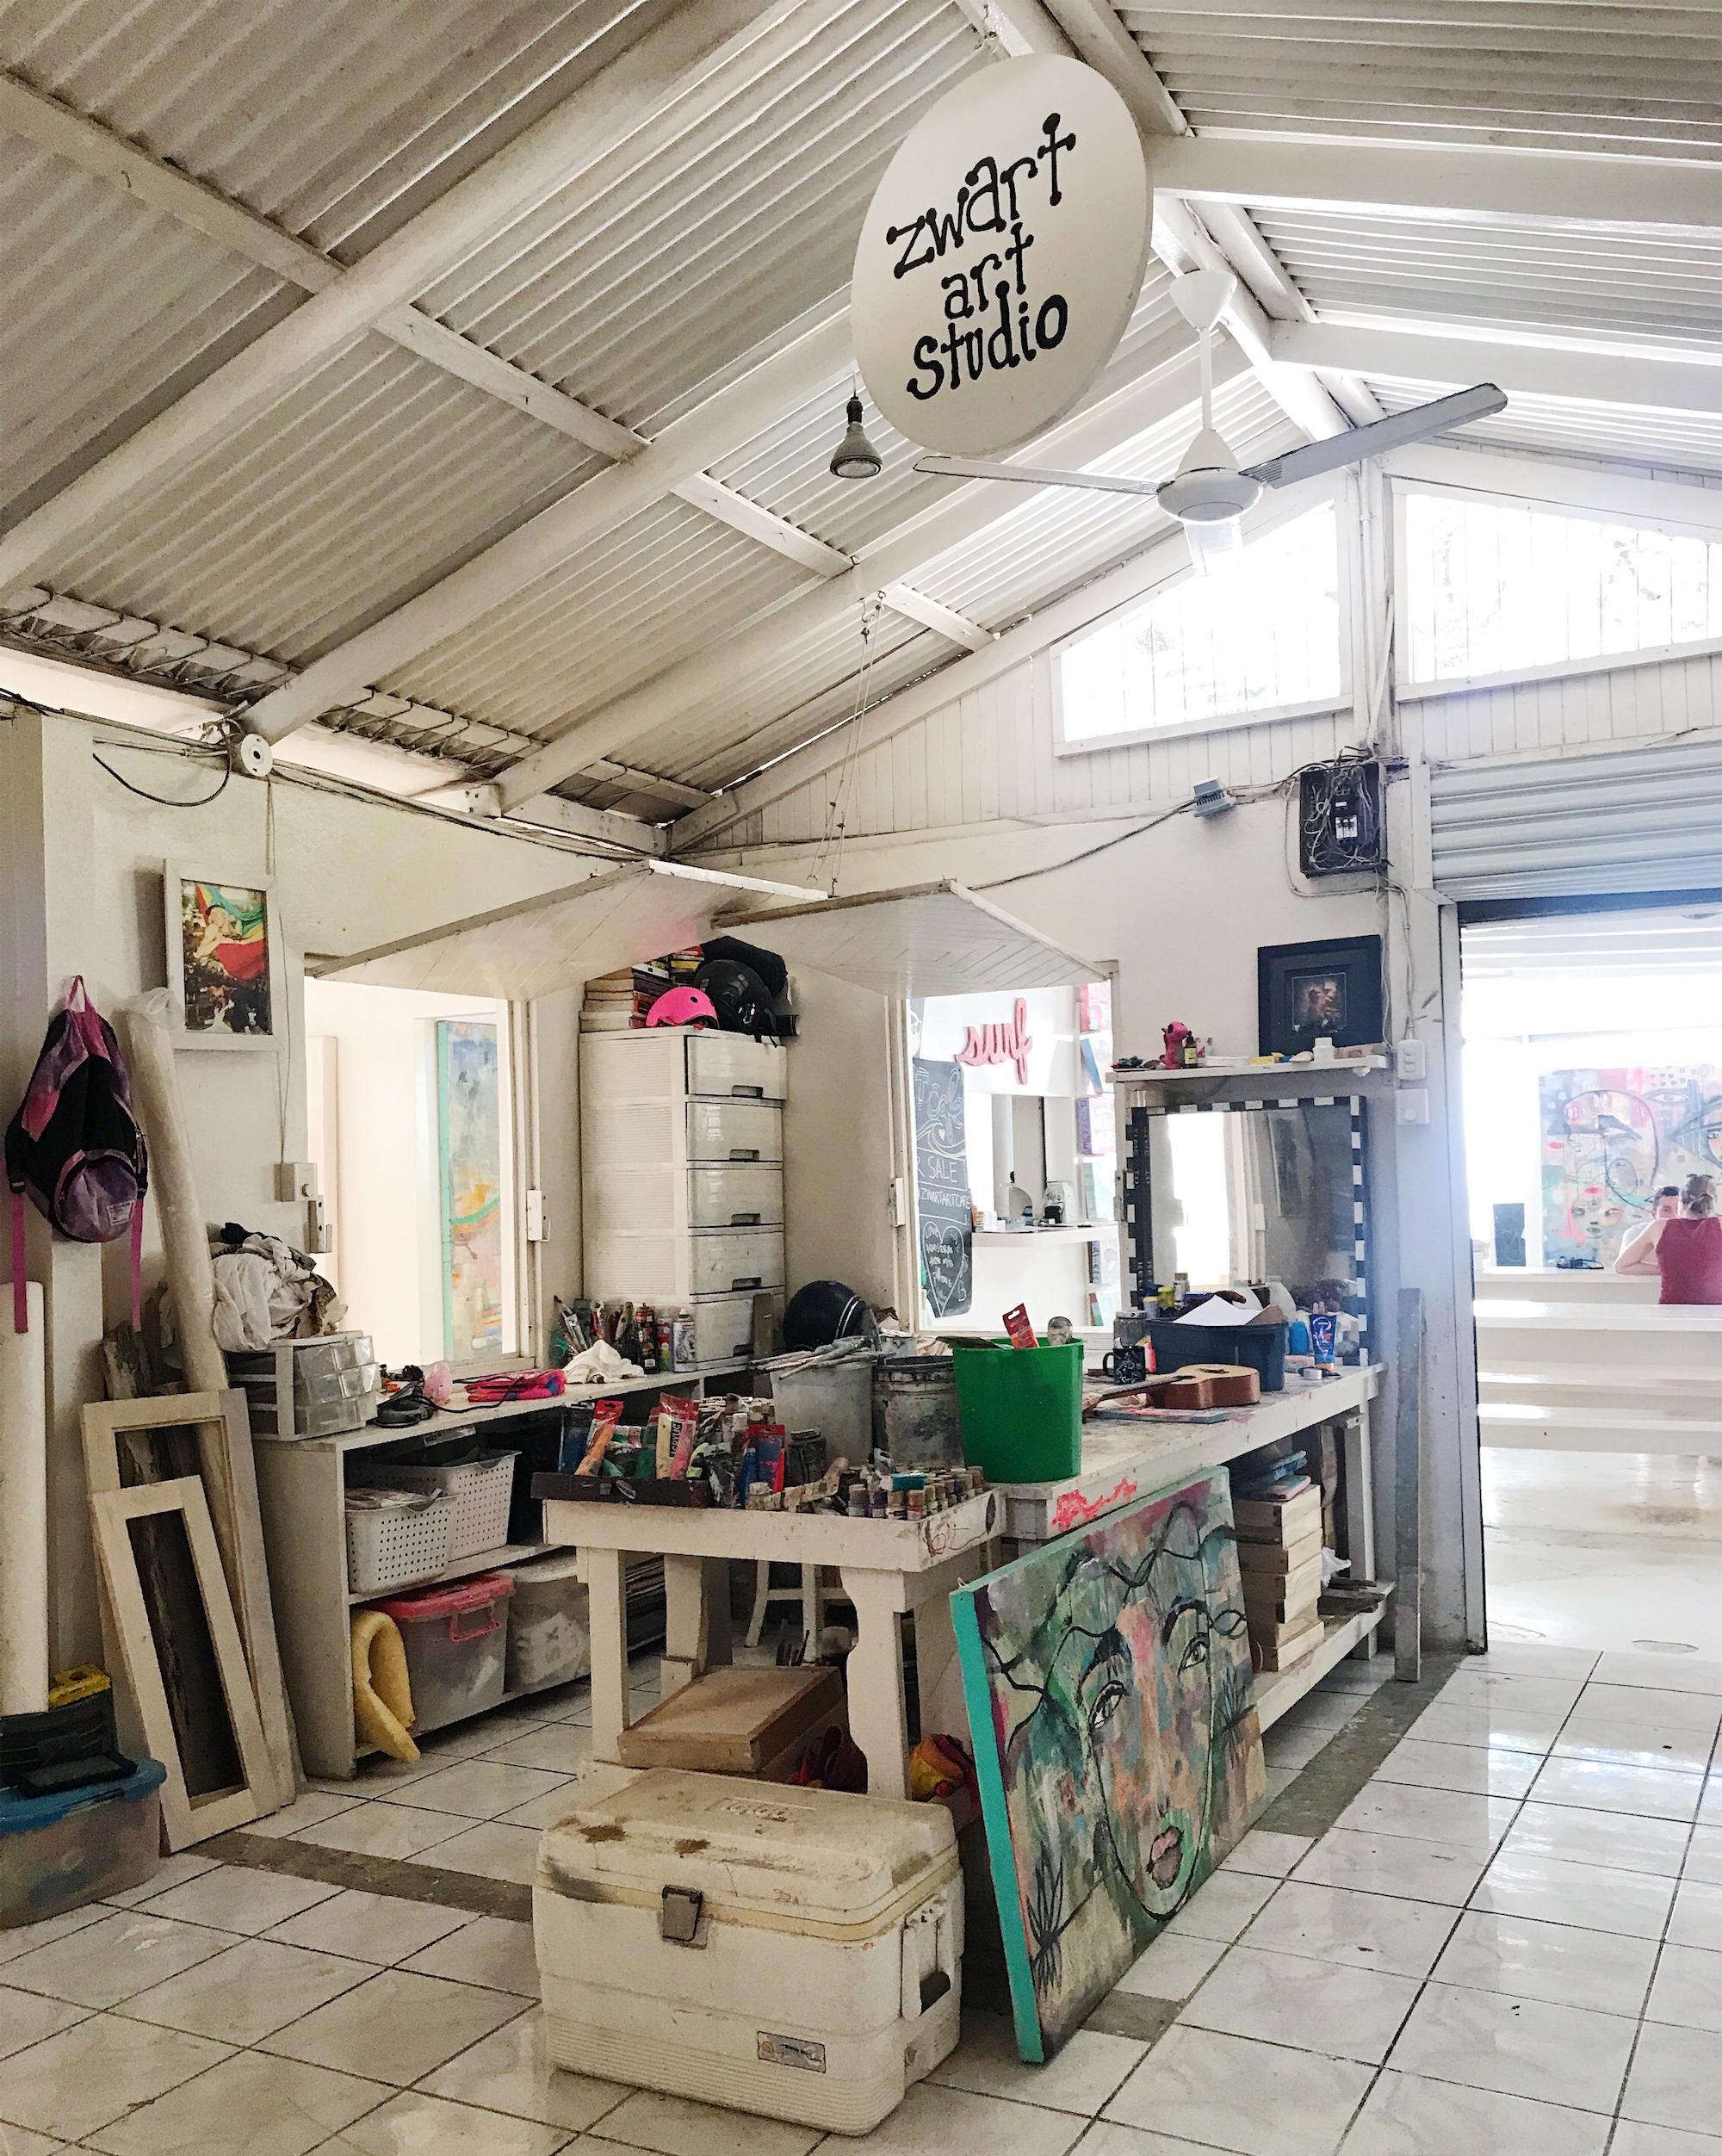 Zwart Art Café art studio